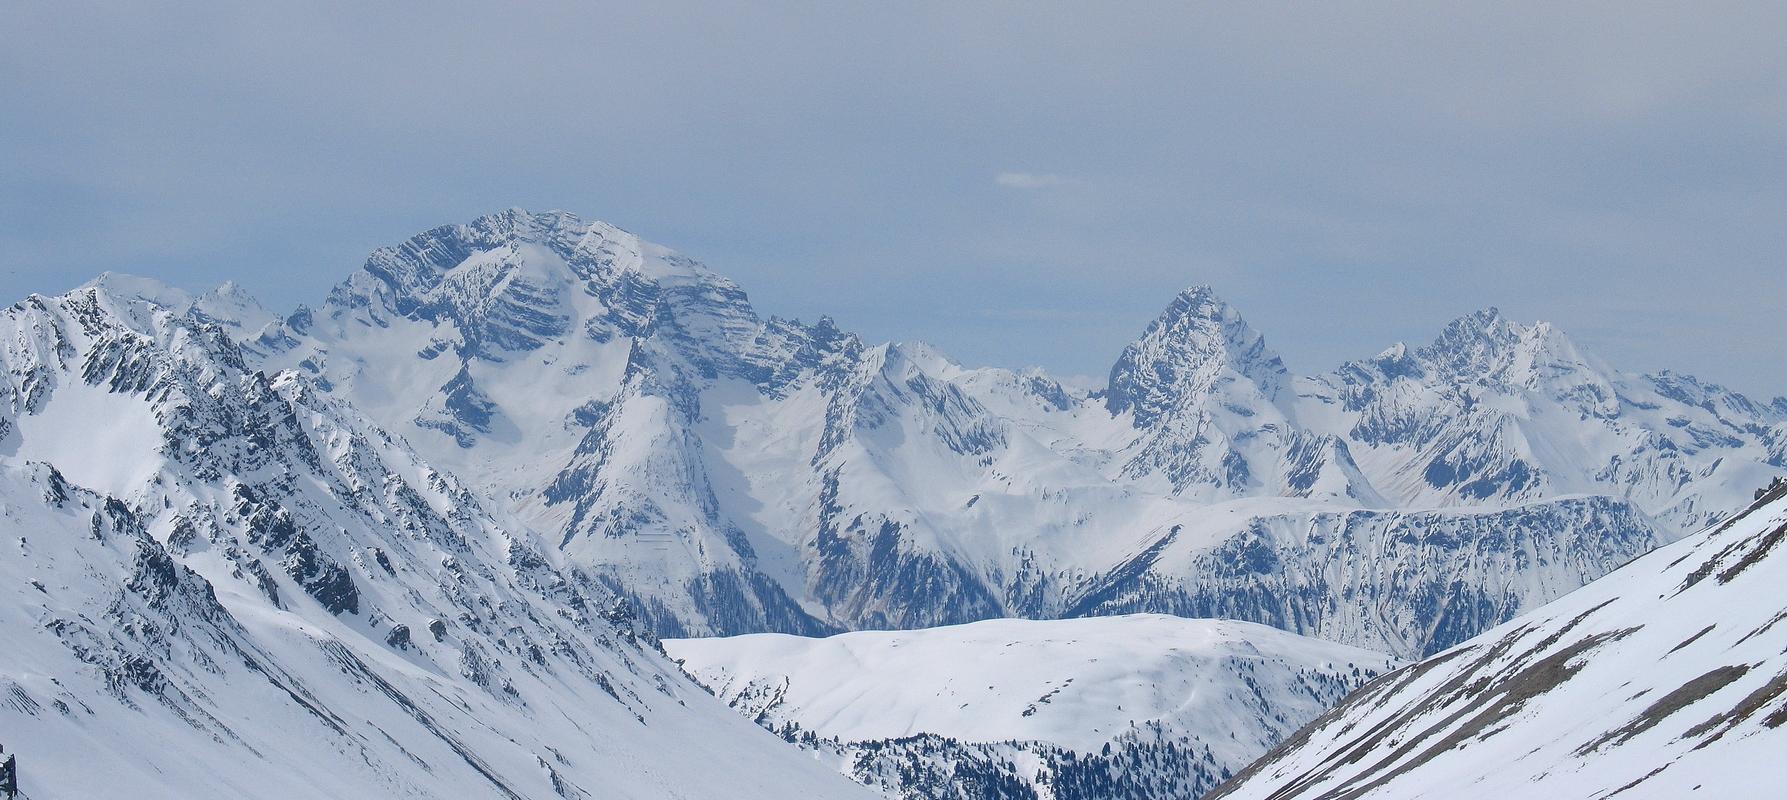 Gletscher Ducan Albula Alpen Switzerland panorama 27